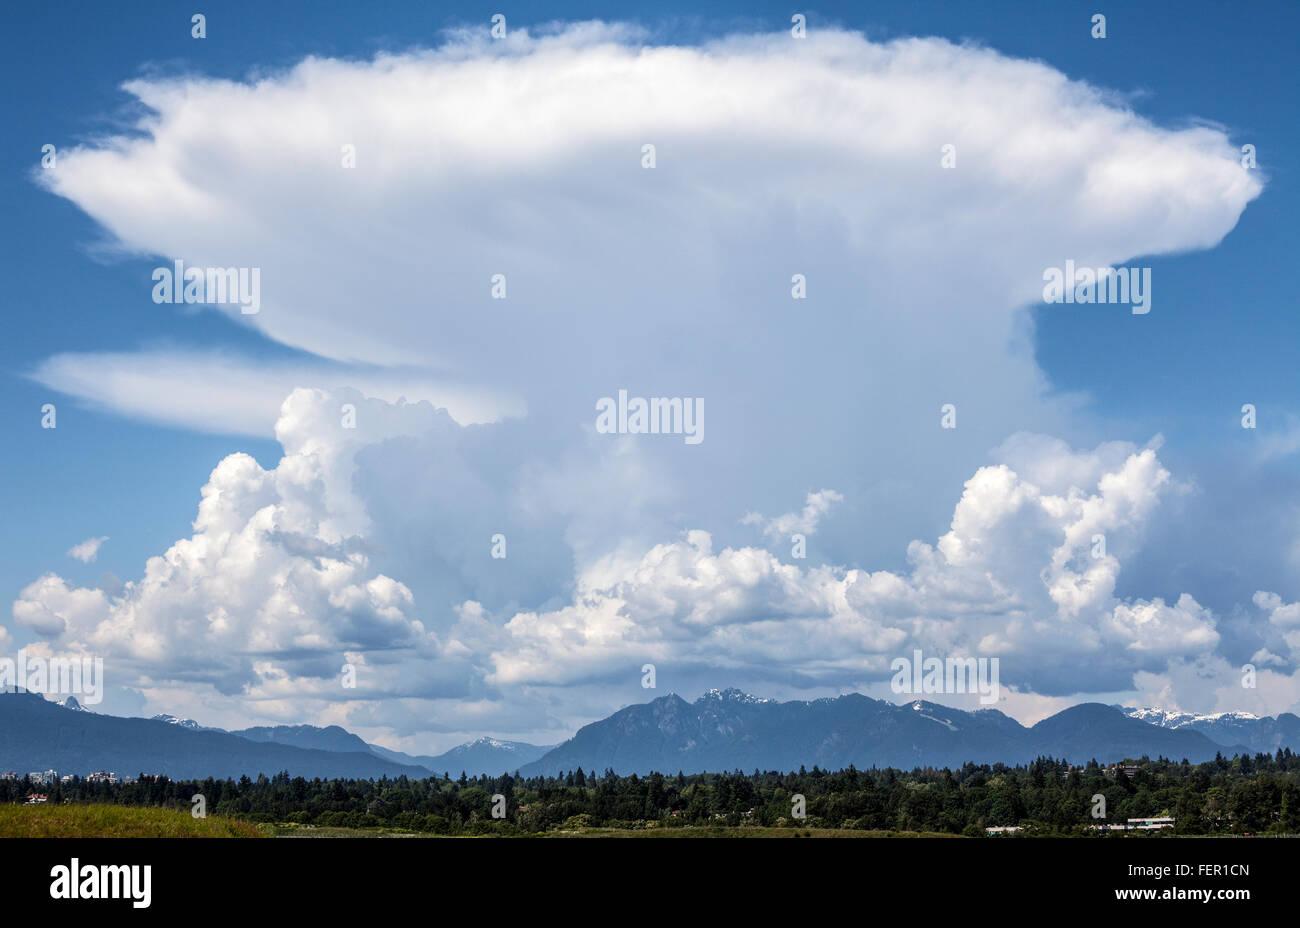 cumulonimbus cloud. - Stock Image